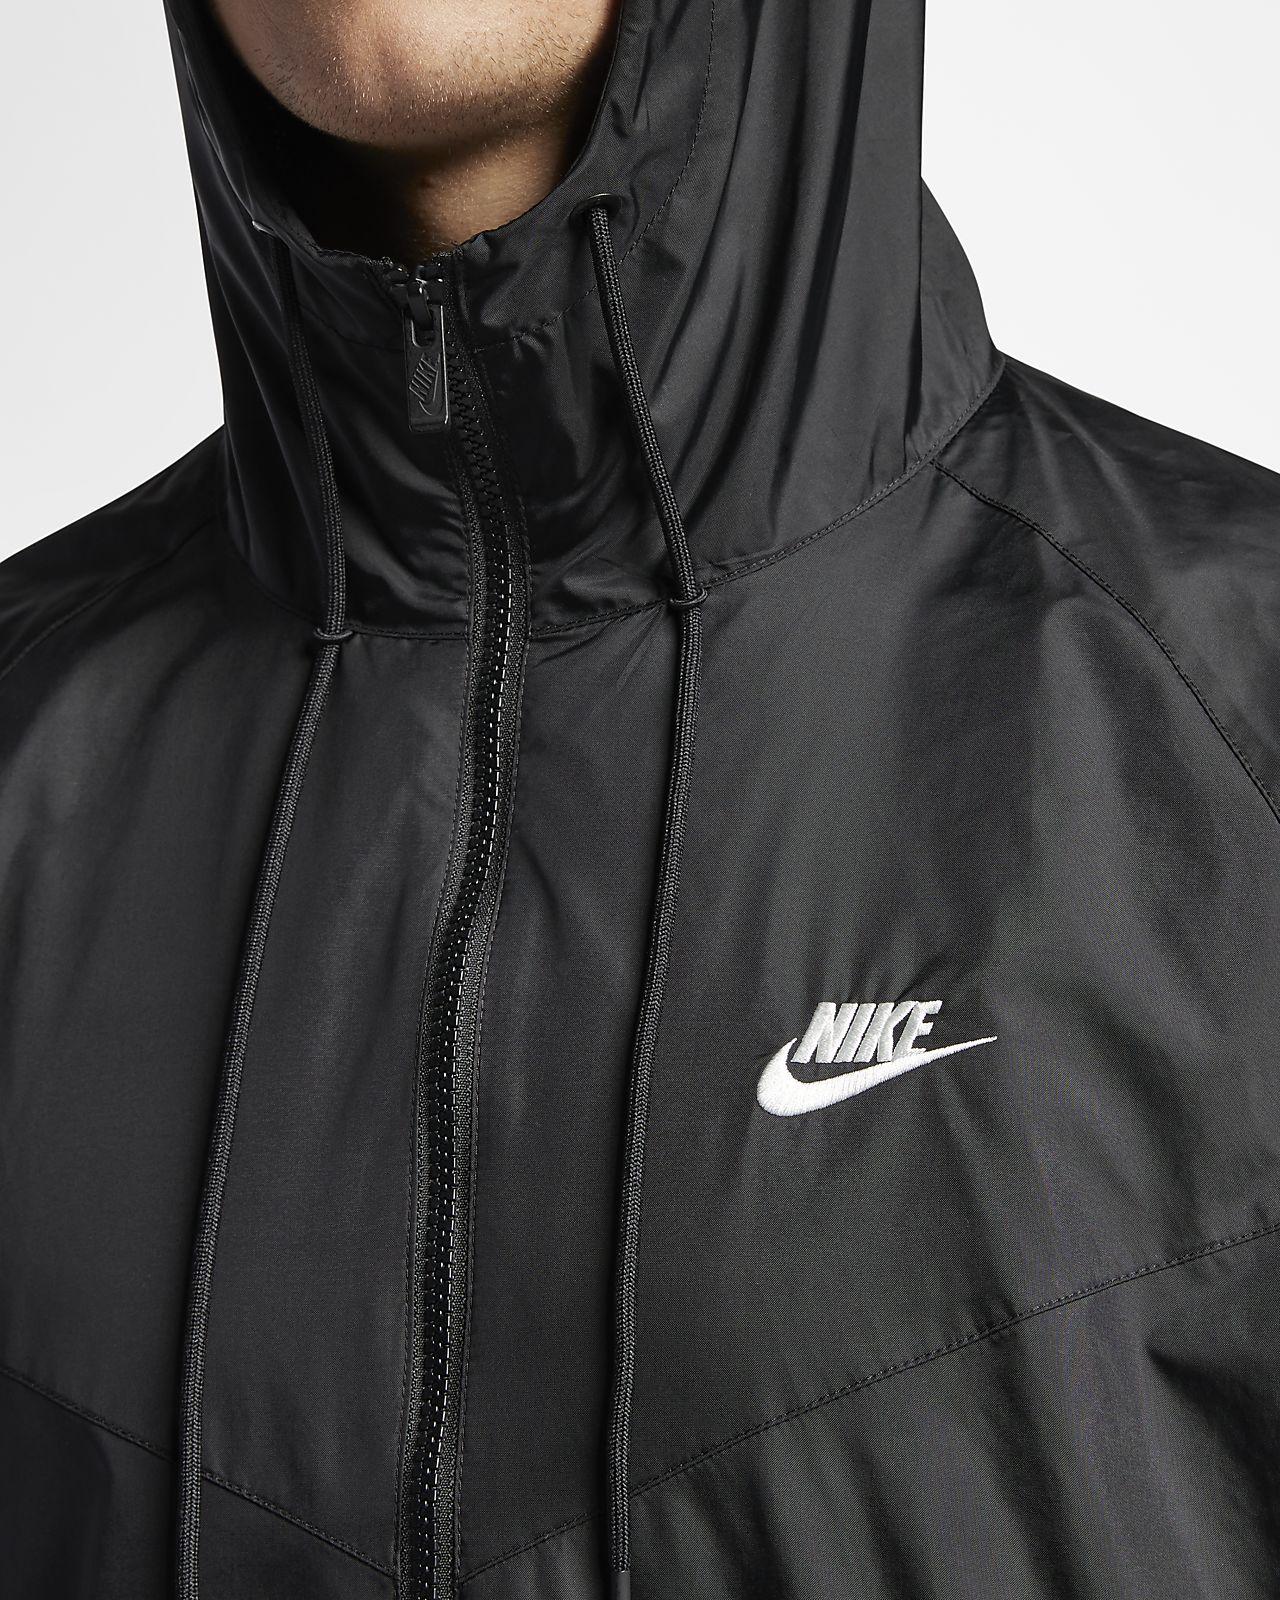 0453e5ee2 Low Resolution Nike Sportswear Windrunner Men's Hooded Windbreaker Nike  Sportswear Windrunner Men's Hooded Windbreaker